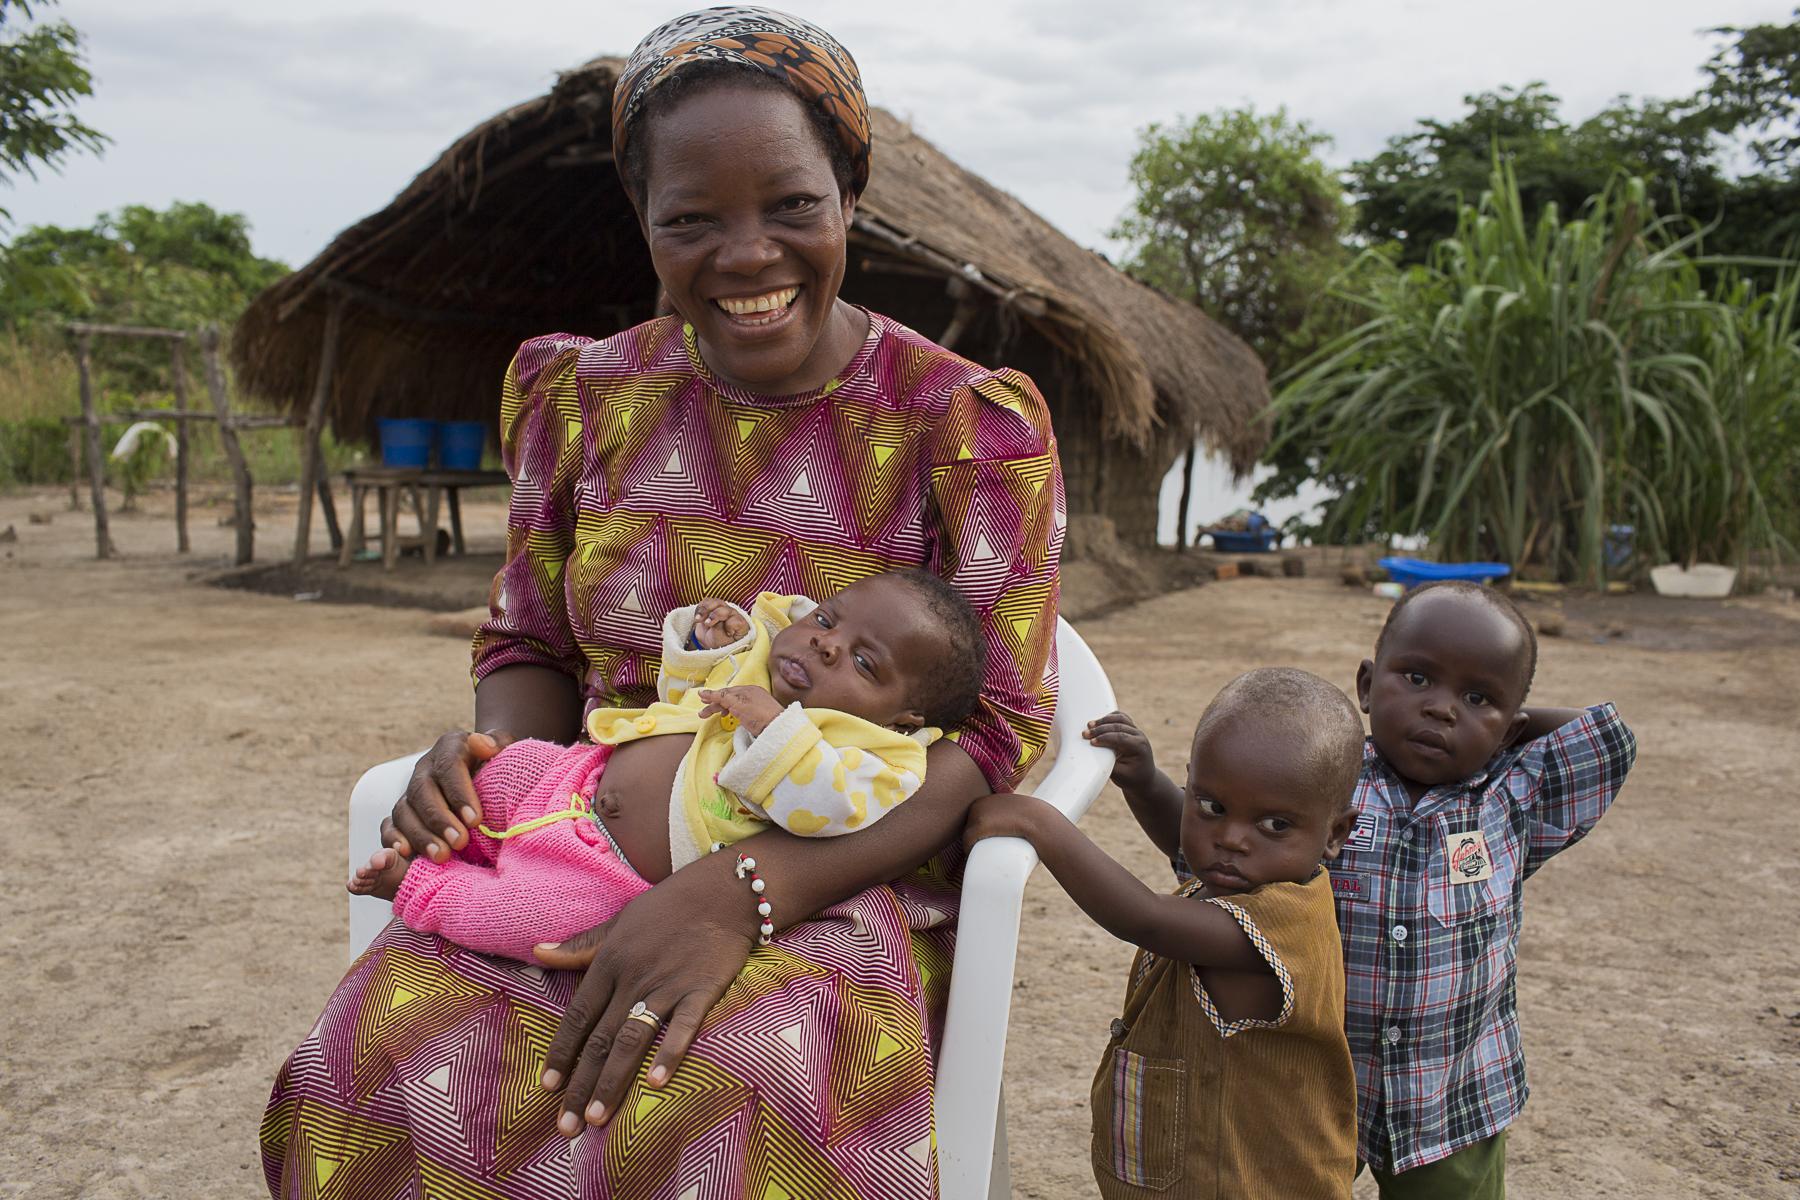 Soeur Angélique Namaika lauréate du Prix Nansel du Haut commissariat de L\'ONU pour les réfugiés(lUNHCR) pour son action auprès des femmes du nord de la RDC et plus particulièrement les femmes et les enfants victimes des exactions de la LRA du tristement célèbre Joseph Kony.Soeur Angélique chez elle, au bord du fleuve Kibali, avec trois des 19 orphelins qu\'elle a recueillis. Sur elle, Isaac, deux mois. Sur les côtés, Jean Paul en chemise bleu à carreaux, il a deux ans et demi. Devant lui, Donatien, à peine plus jeune.